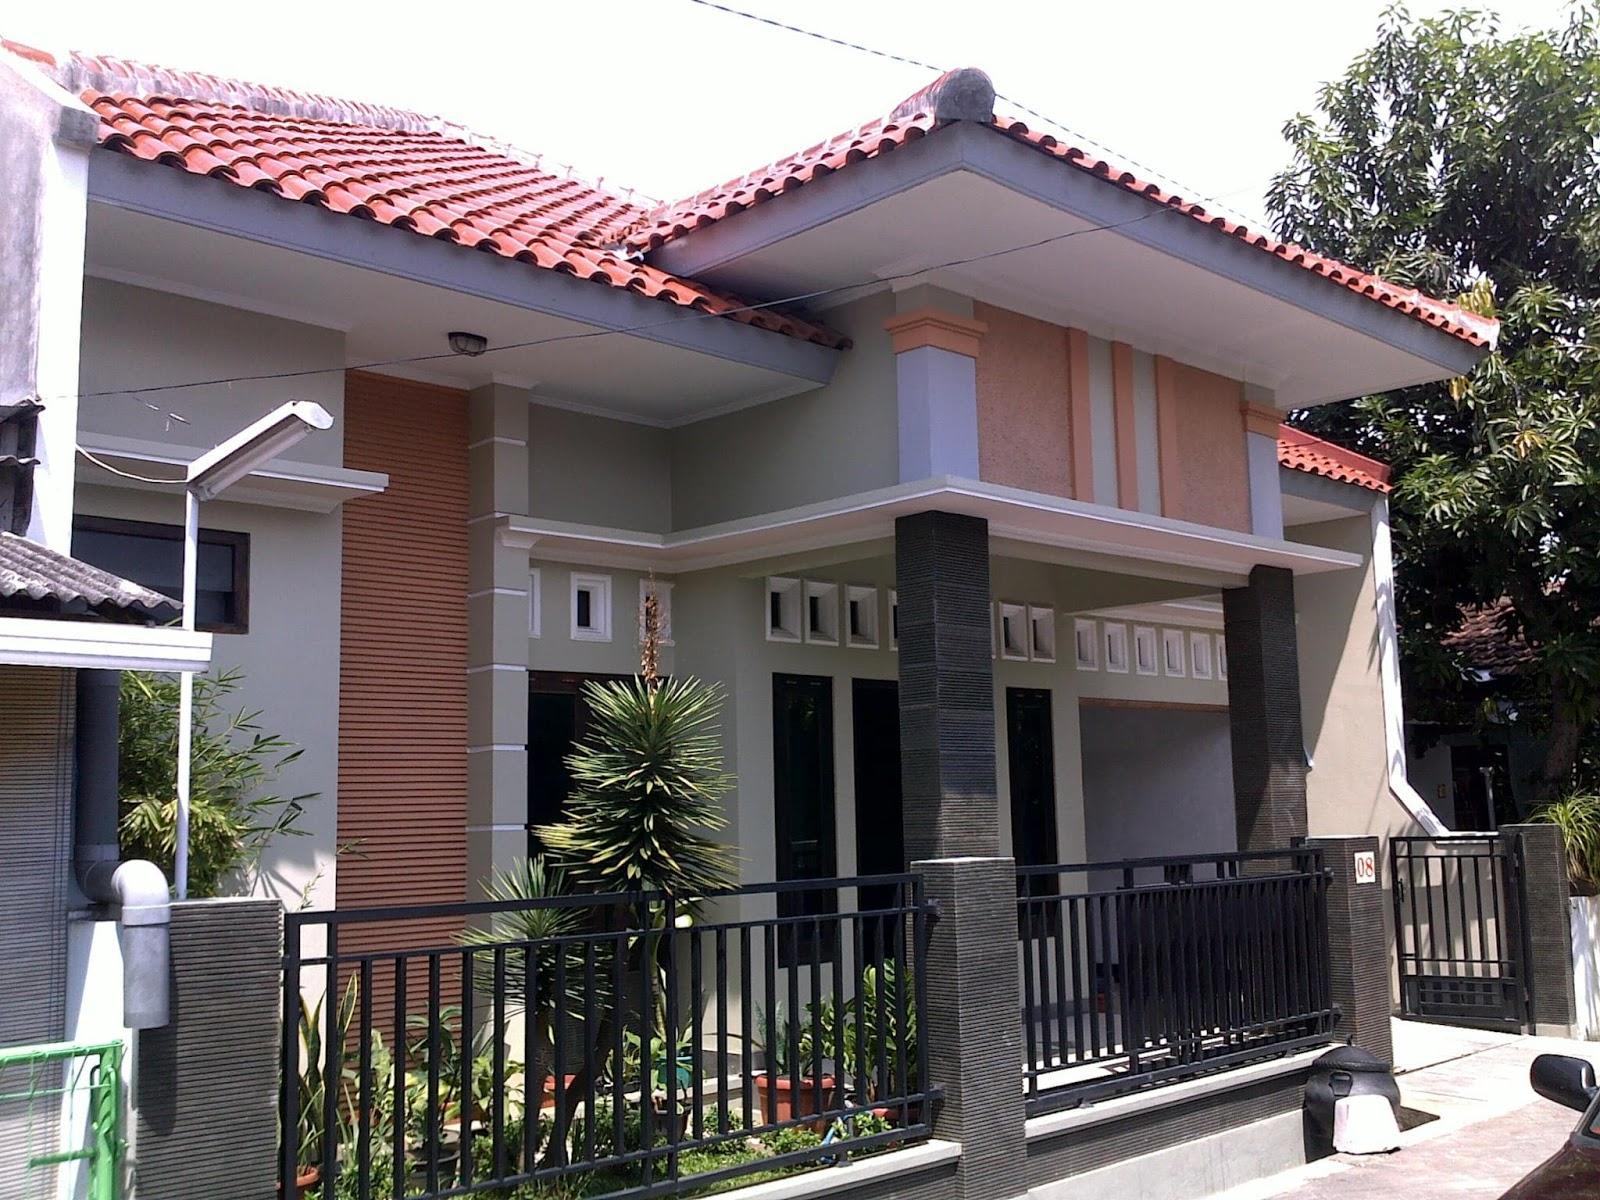 54 Desain Rumah Sederhana di Kampung Yang Terlihat Cantik dan Mewah  Desain Rumah